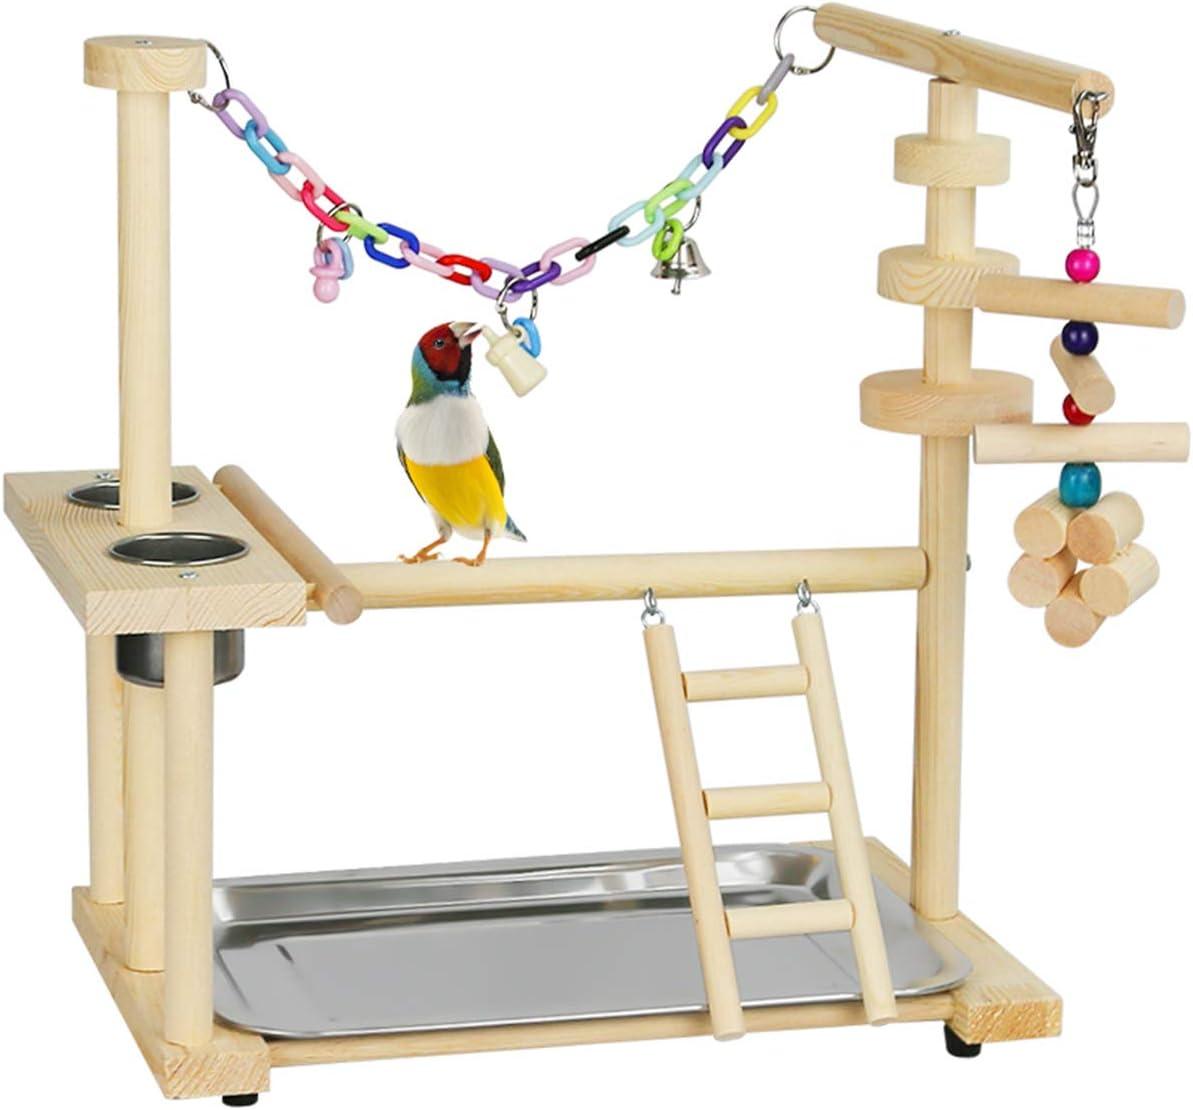 Fittoway Parque de juegos para pájaros, loros, parque de juegos, de madera natural, juguete para ejercicios para cacatúas Electus (con tazas de comida y bandeja)